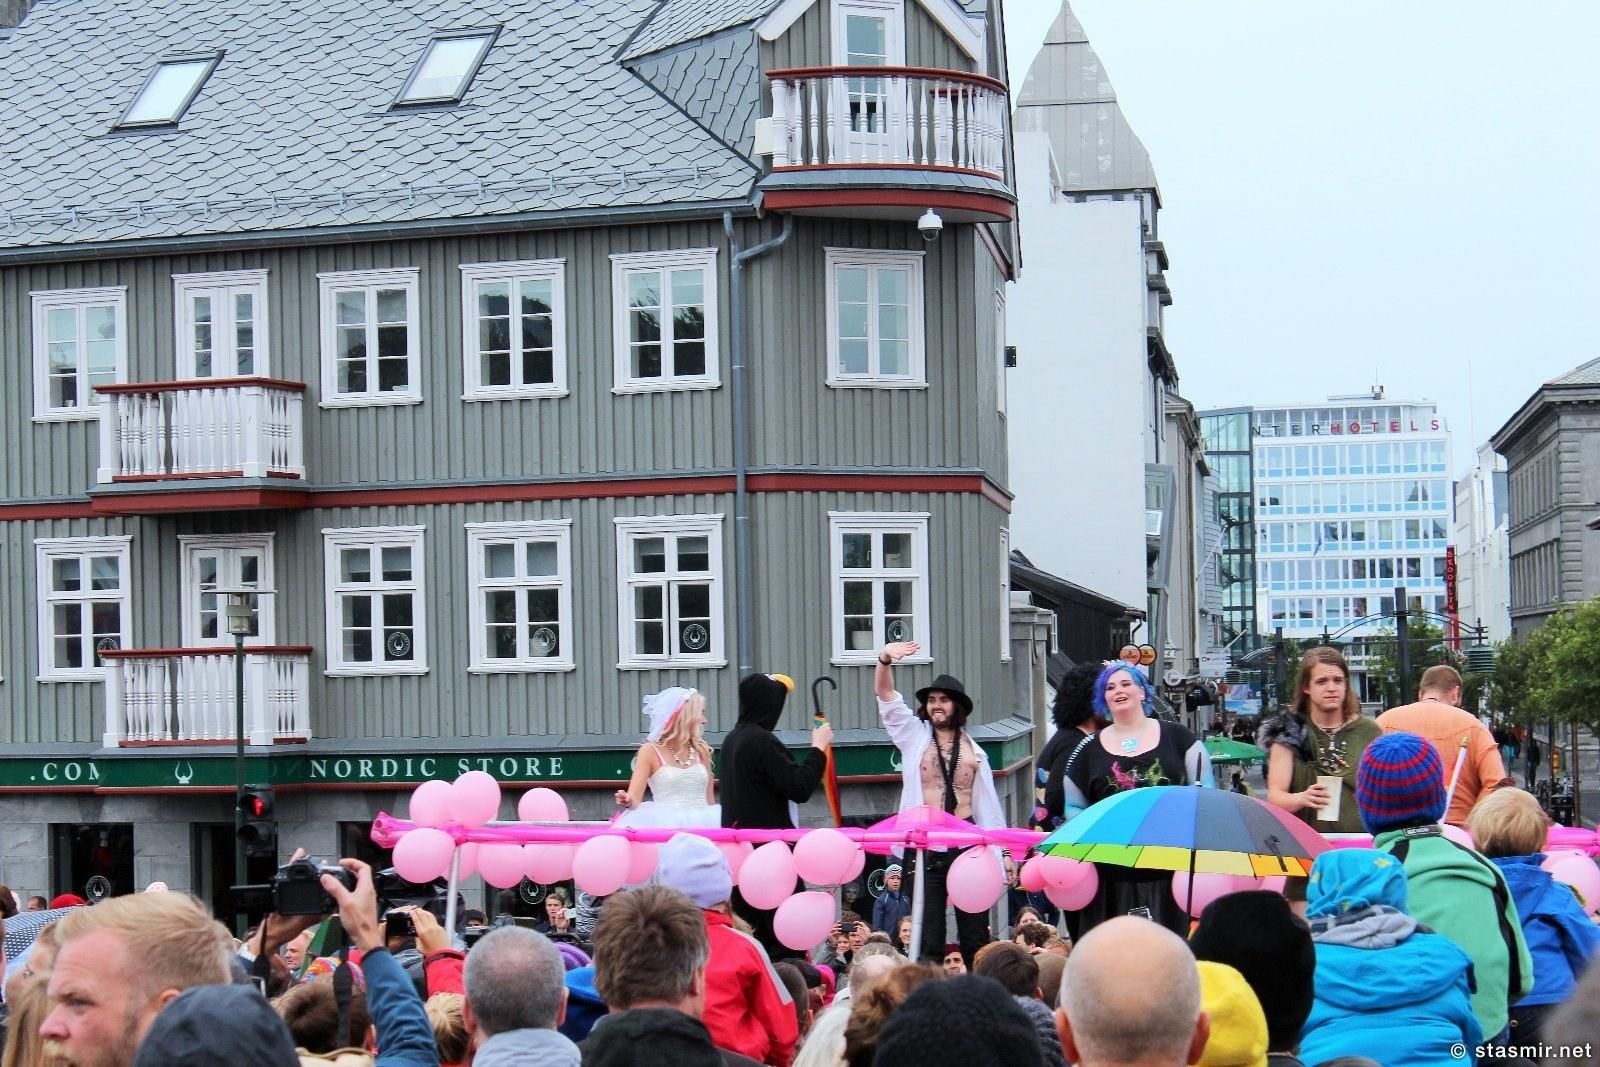 Гей-прайд 2015, Рейкьявик, геи в Исландии, Рейкьявик, Исландия, столица Исландии, главная улица Рейкьявика, гей-прайд 2015 в Исландии, исландцы, отшельники Атлантики, магазины Исландии, Photo Stasmir